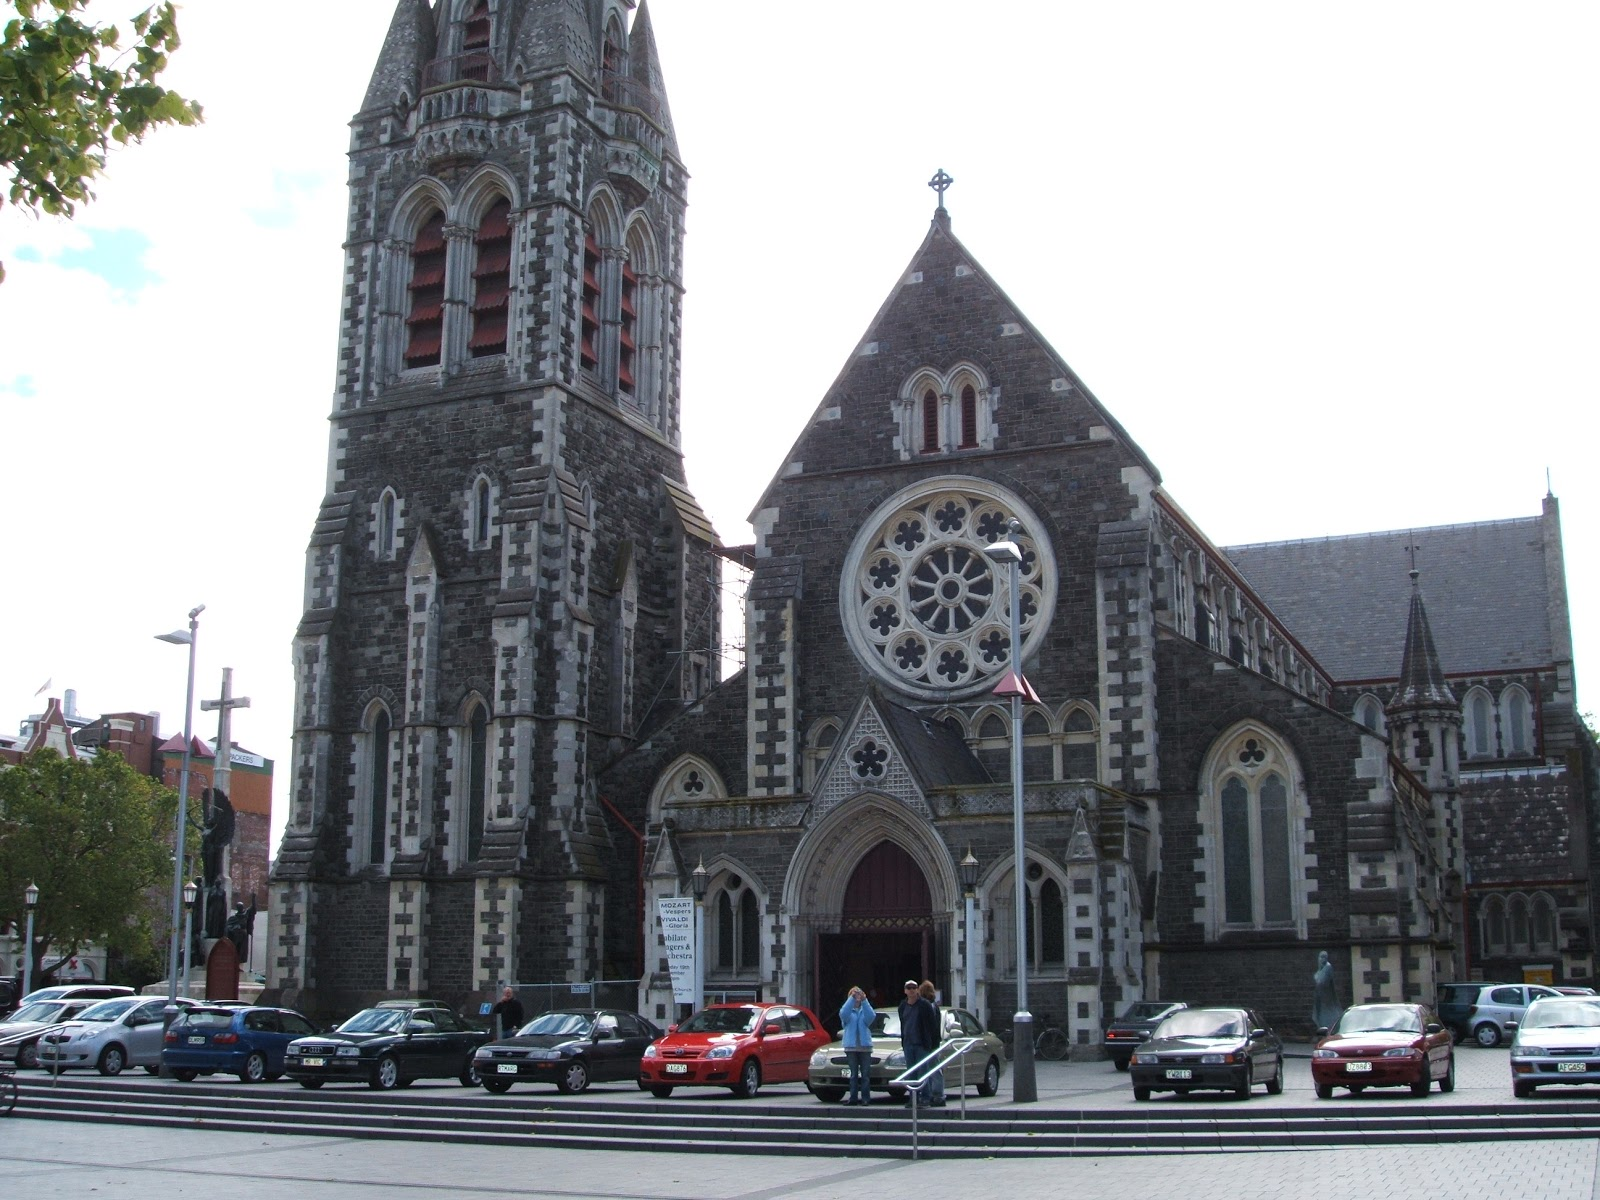 Christchurch New Zealand Twitter: TOP WORLD TRAVEL DESTINATIONS: Christchurch Tramway, New